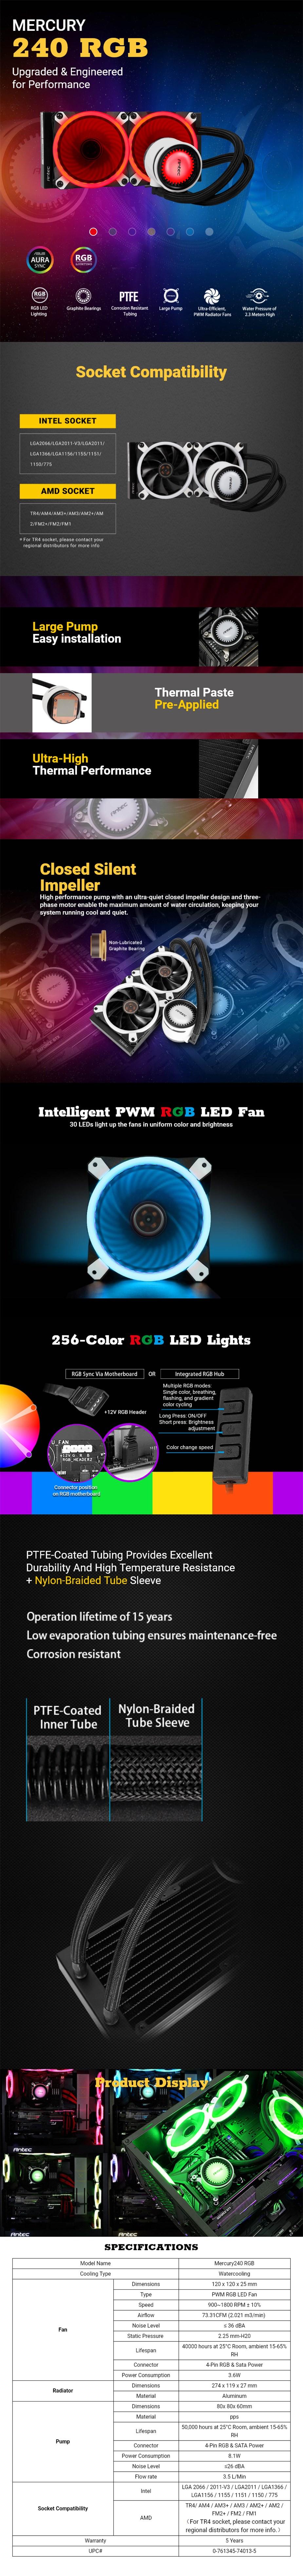 Antec Mercury RGB 240 Liquid CPU Cooler - Desktop Overview 1